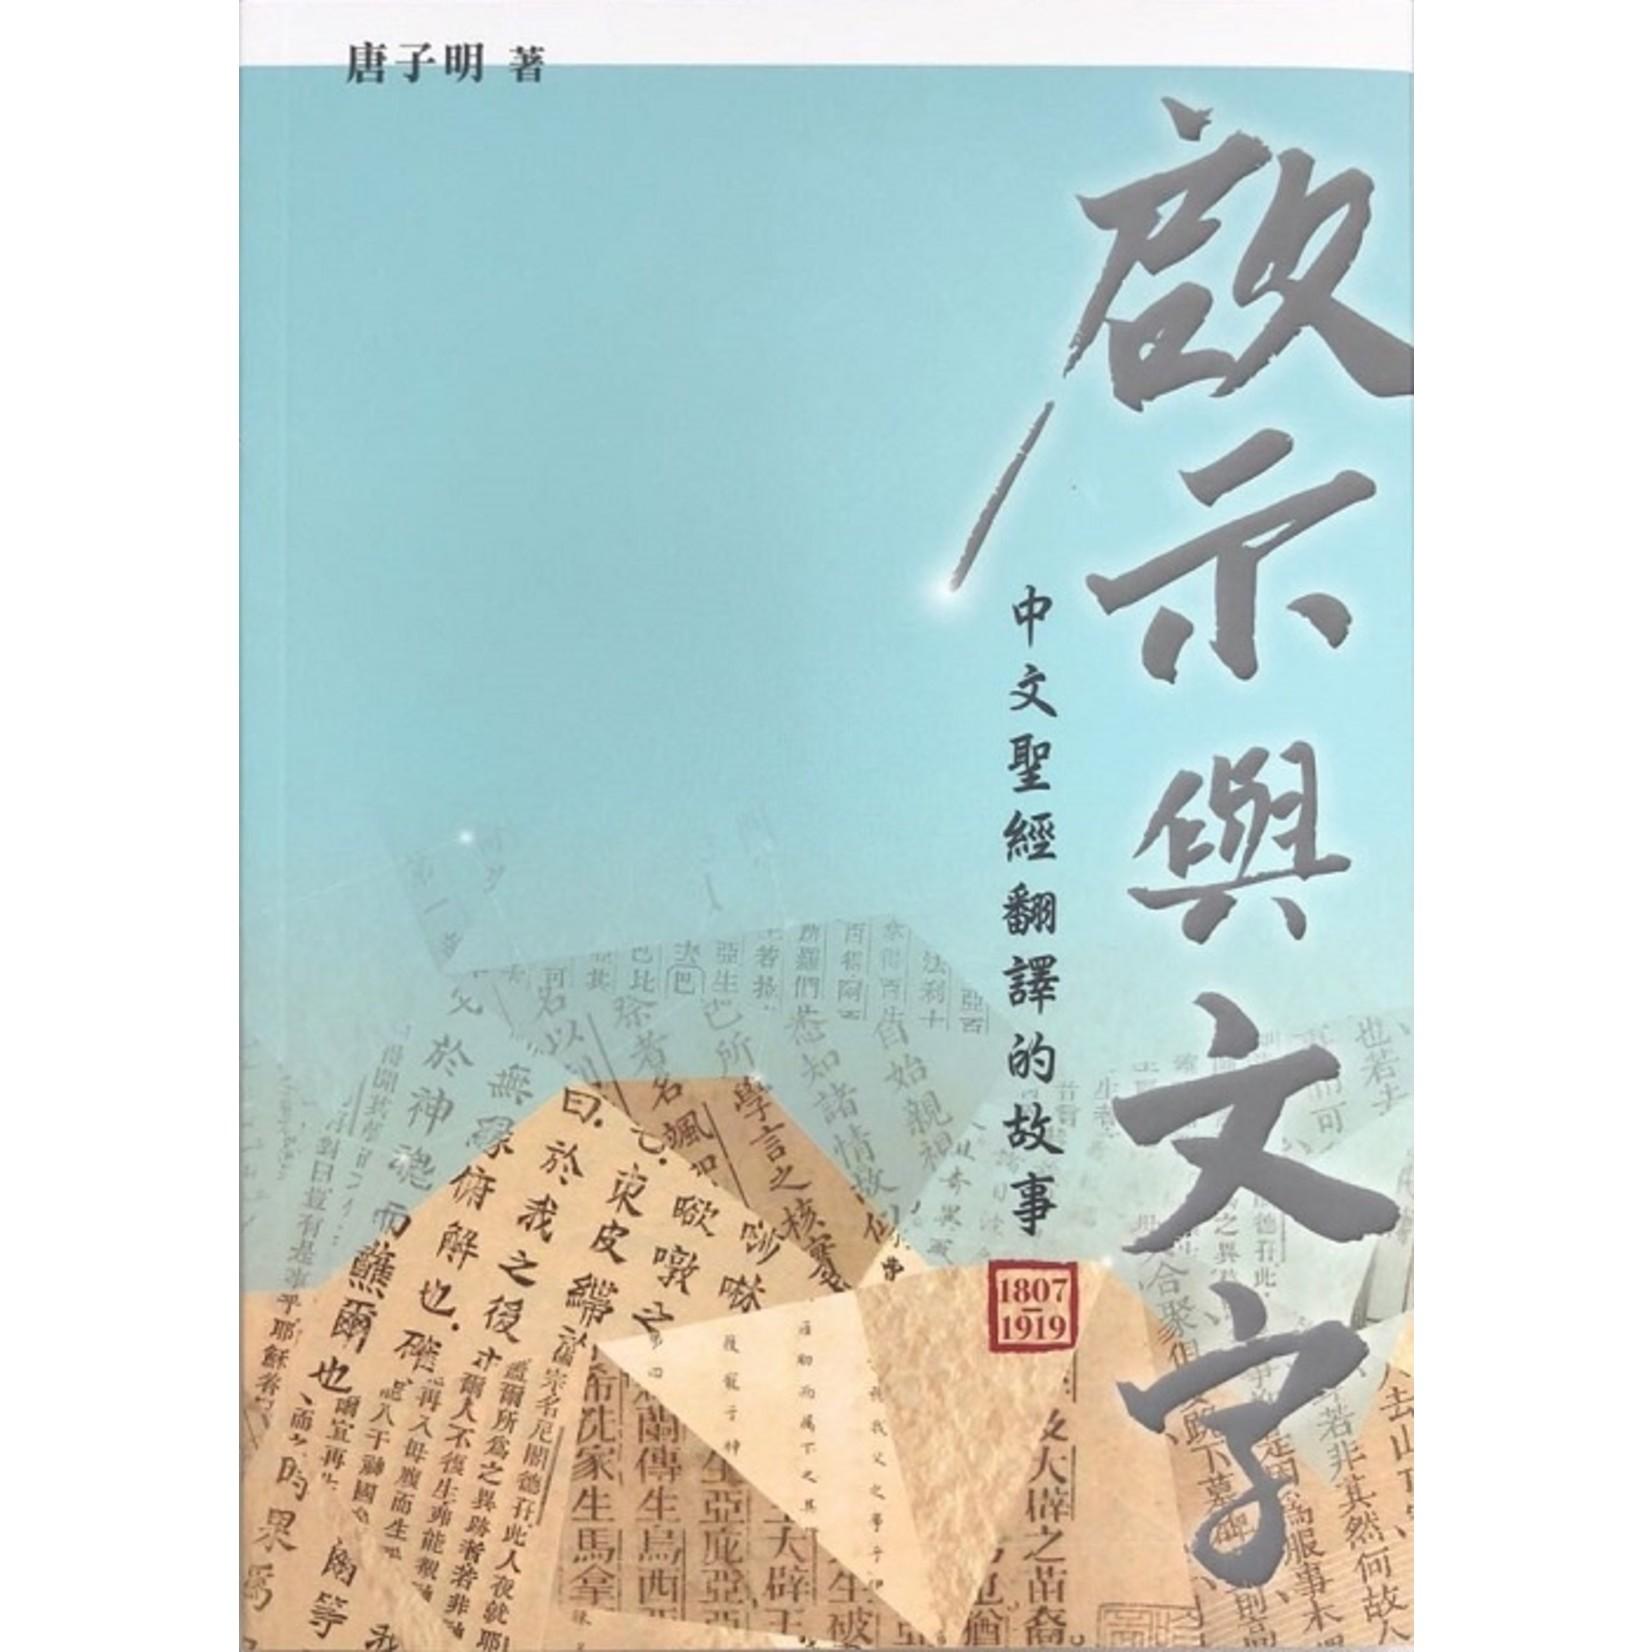 天道書樓 Tien Dao Publishing House 啟示與文字:中文聖經翻譯的故事(1807-1919)